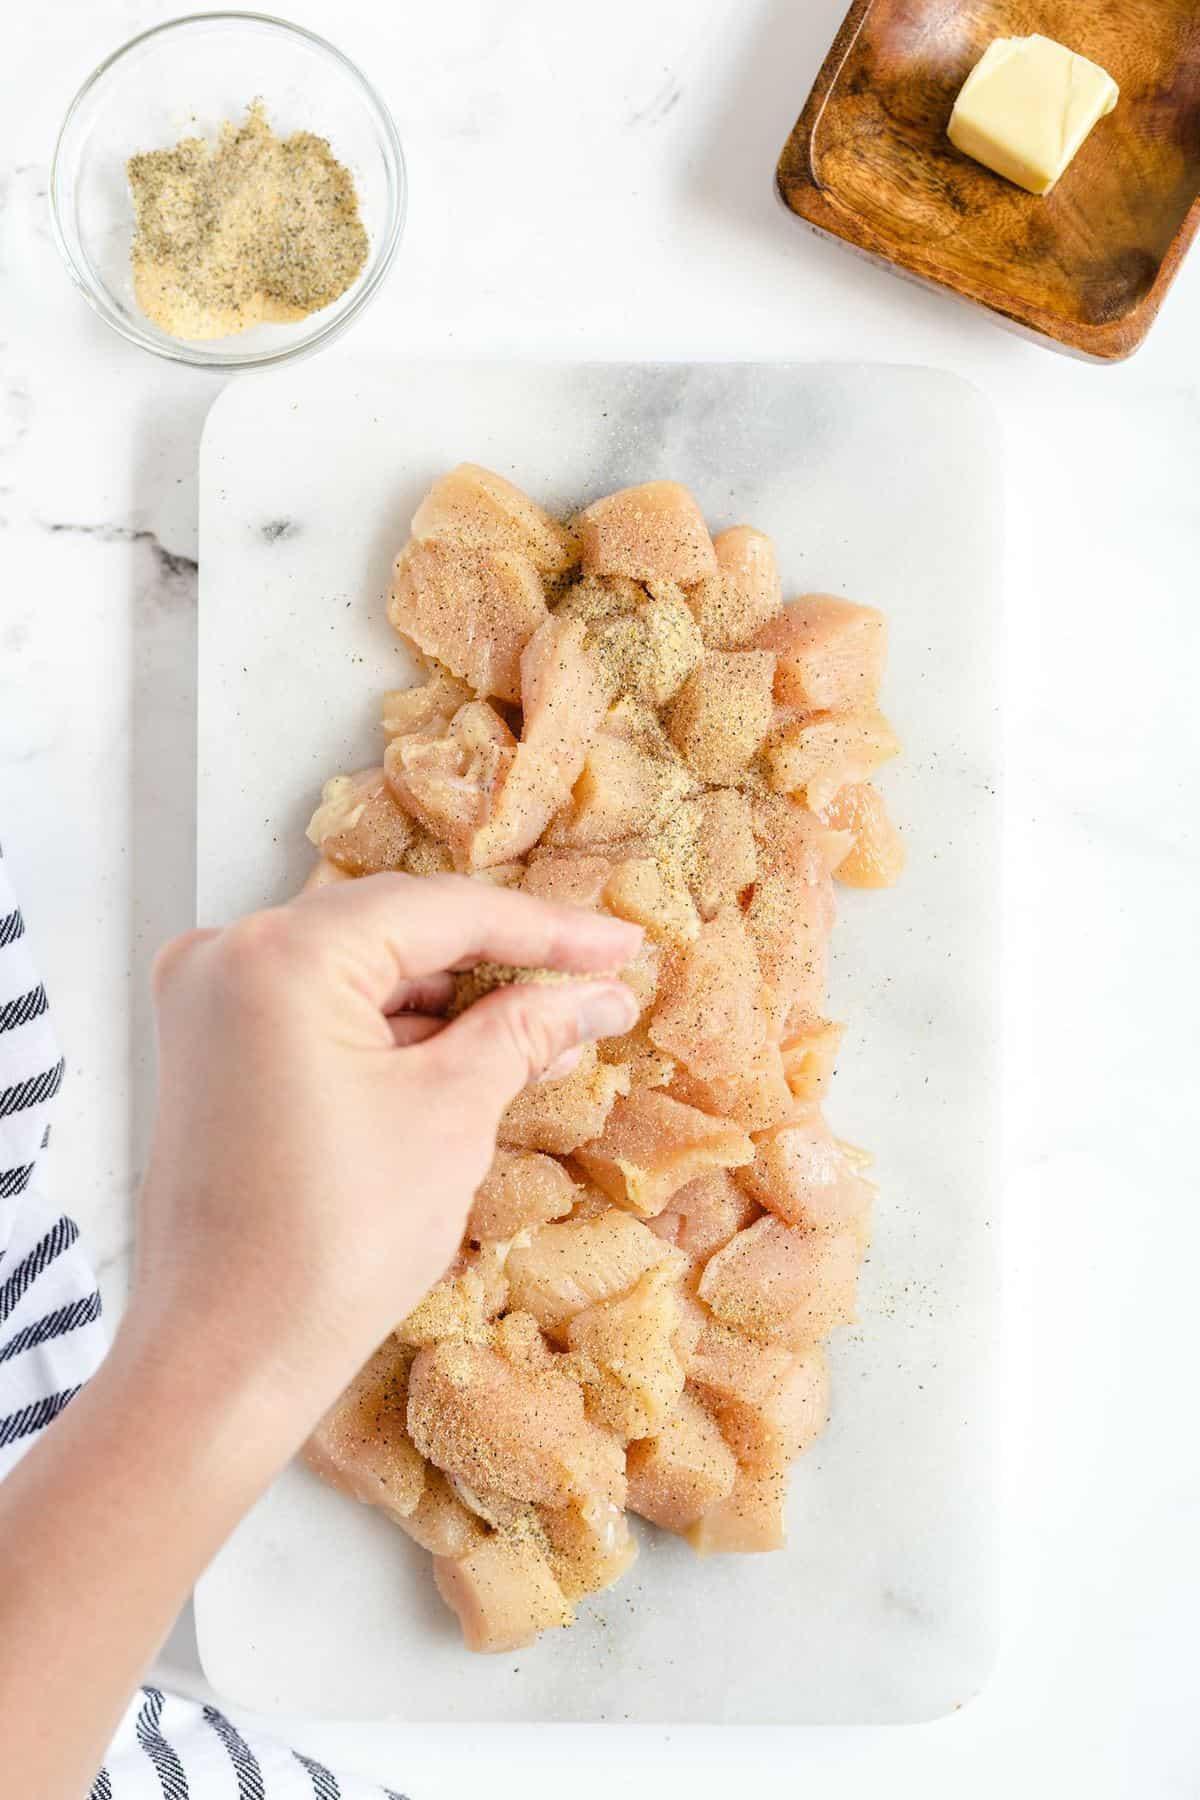 Sprinkle chicken with salt, pepper, and garlic powder.